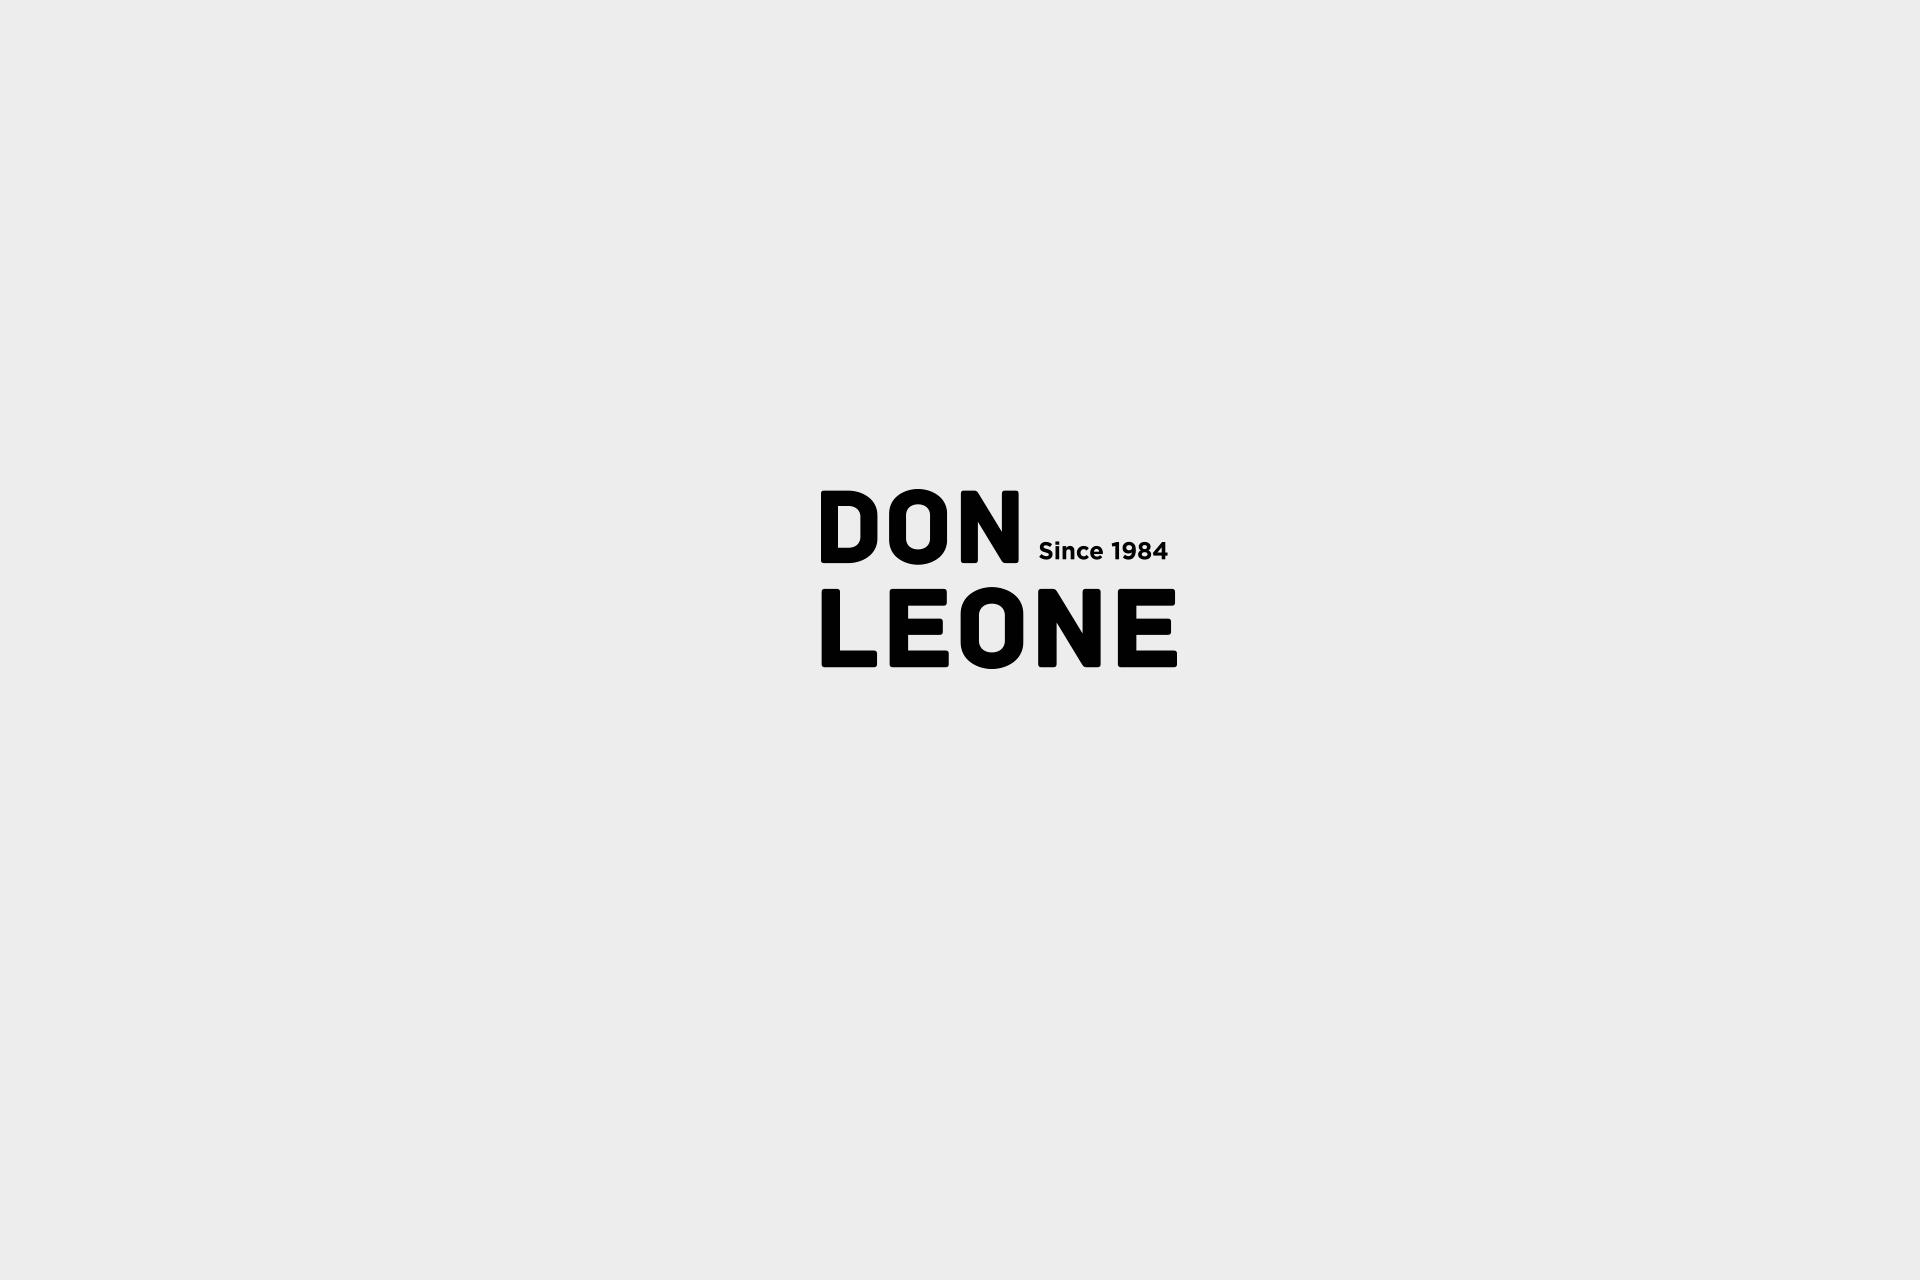 Logo_DonLeone